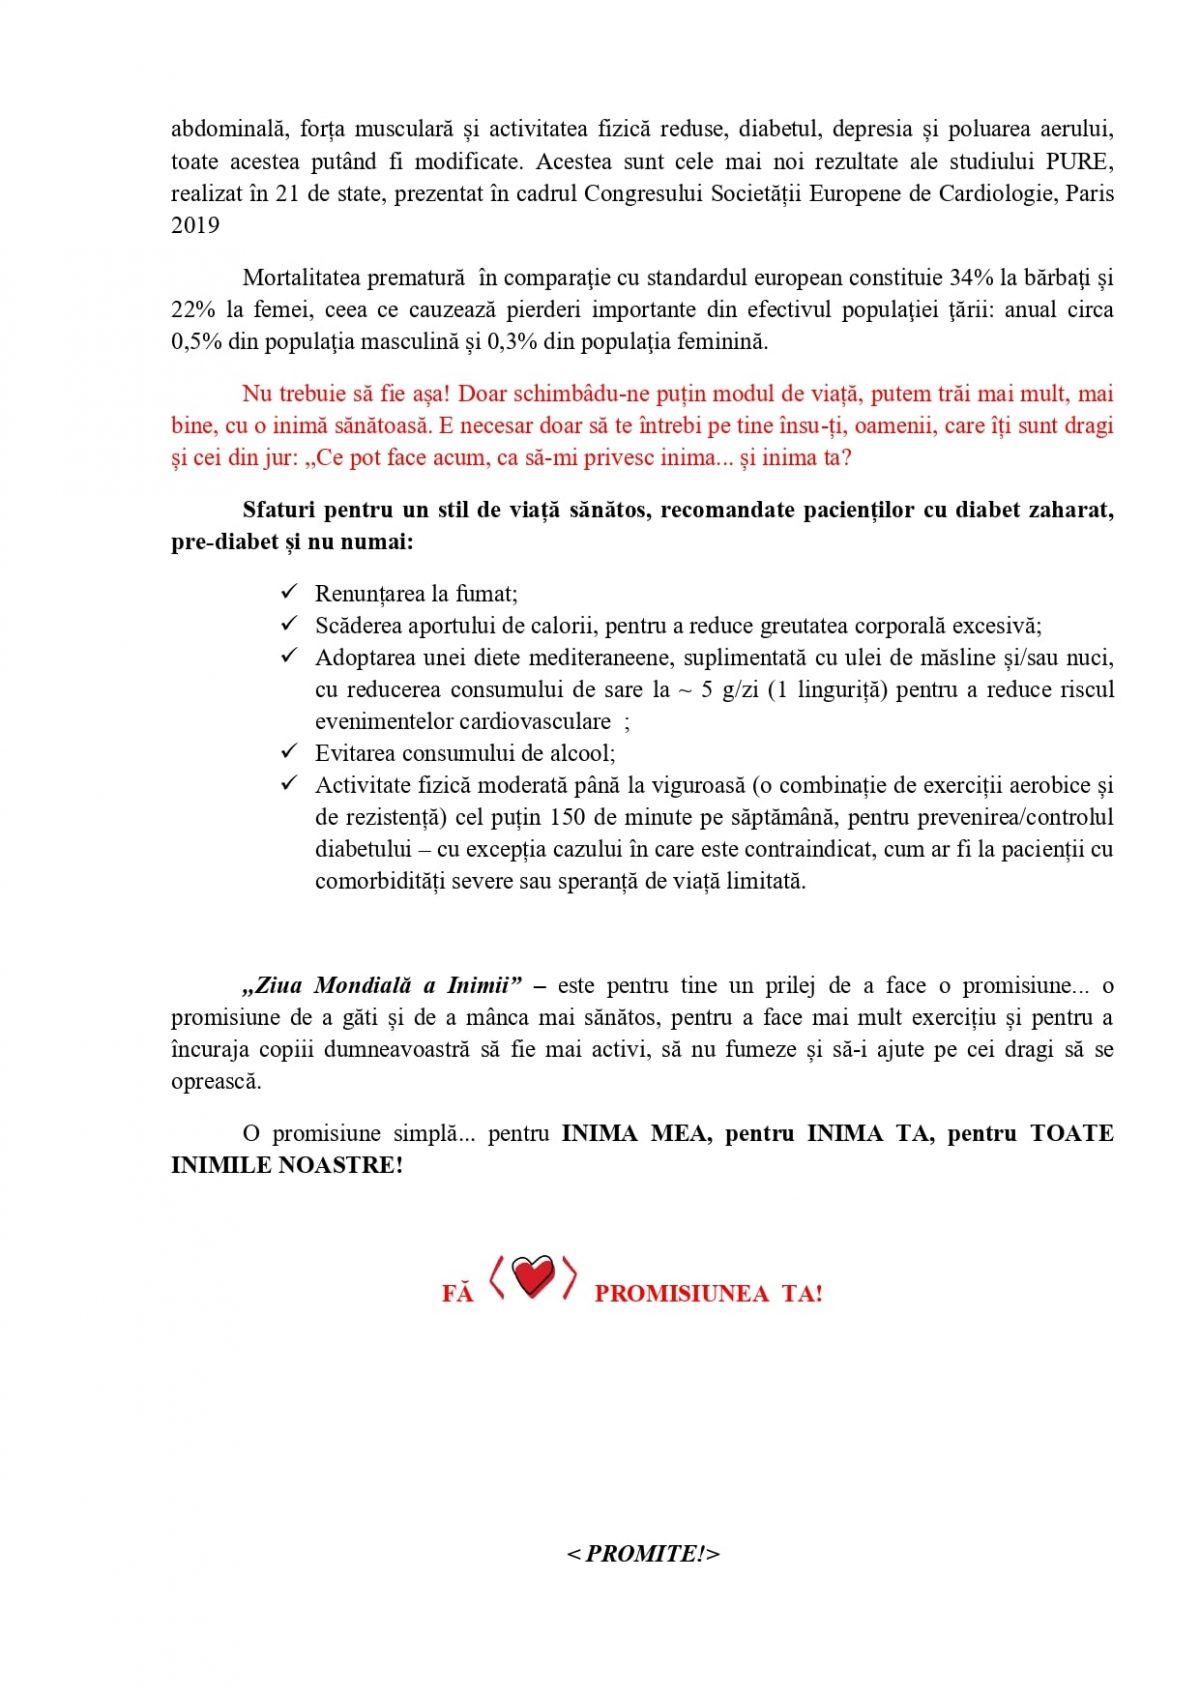 Ziua mondiala a inimii (3)